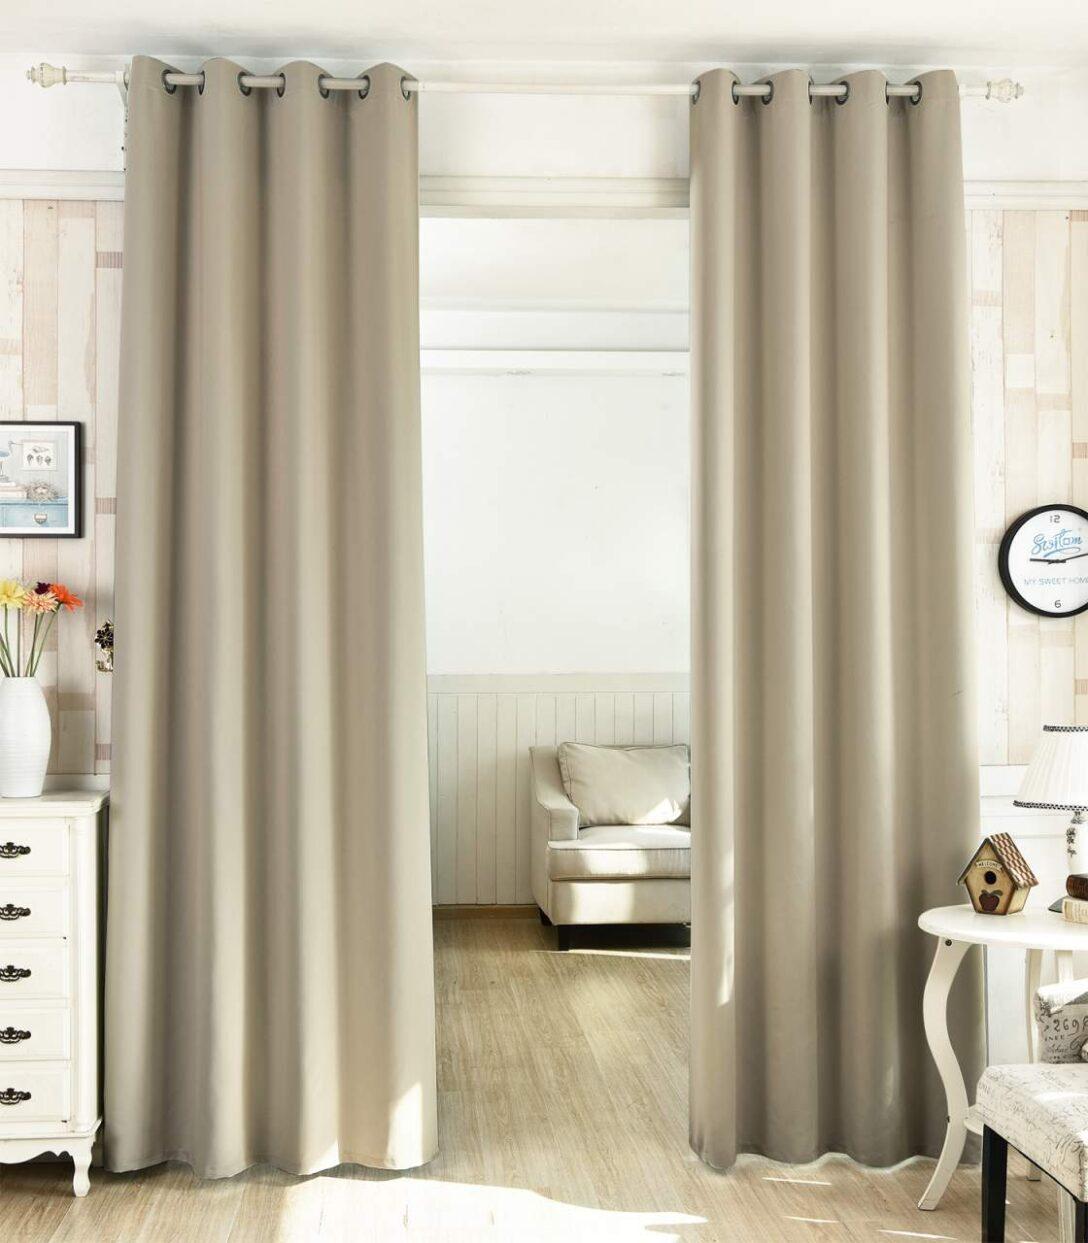 Large Size of Sehr Elegante Vorhnge Aus 100 Polyester Blickdicht Mit Sen Im Vorhänge Wohnzimmer Schlafzimmer Küche Wohnzimmer Vorhänge